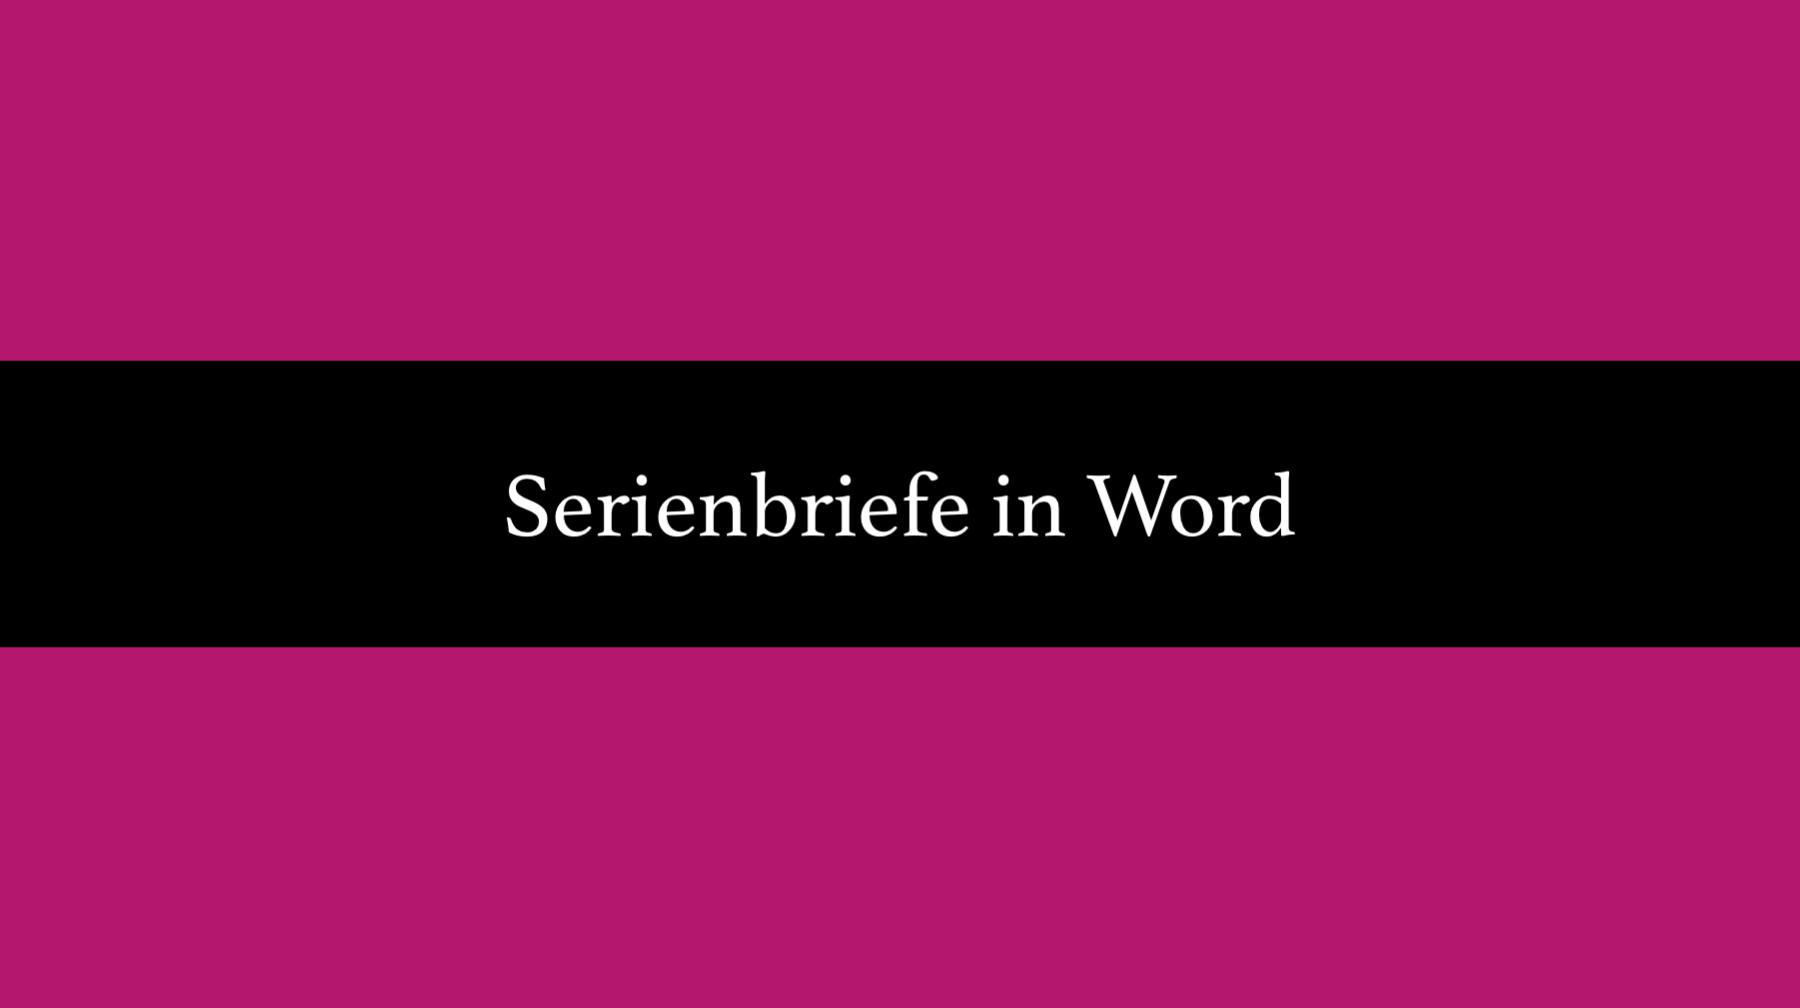 Serienbrief word